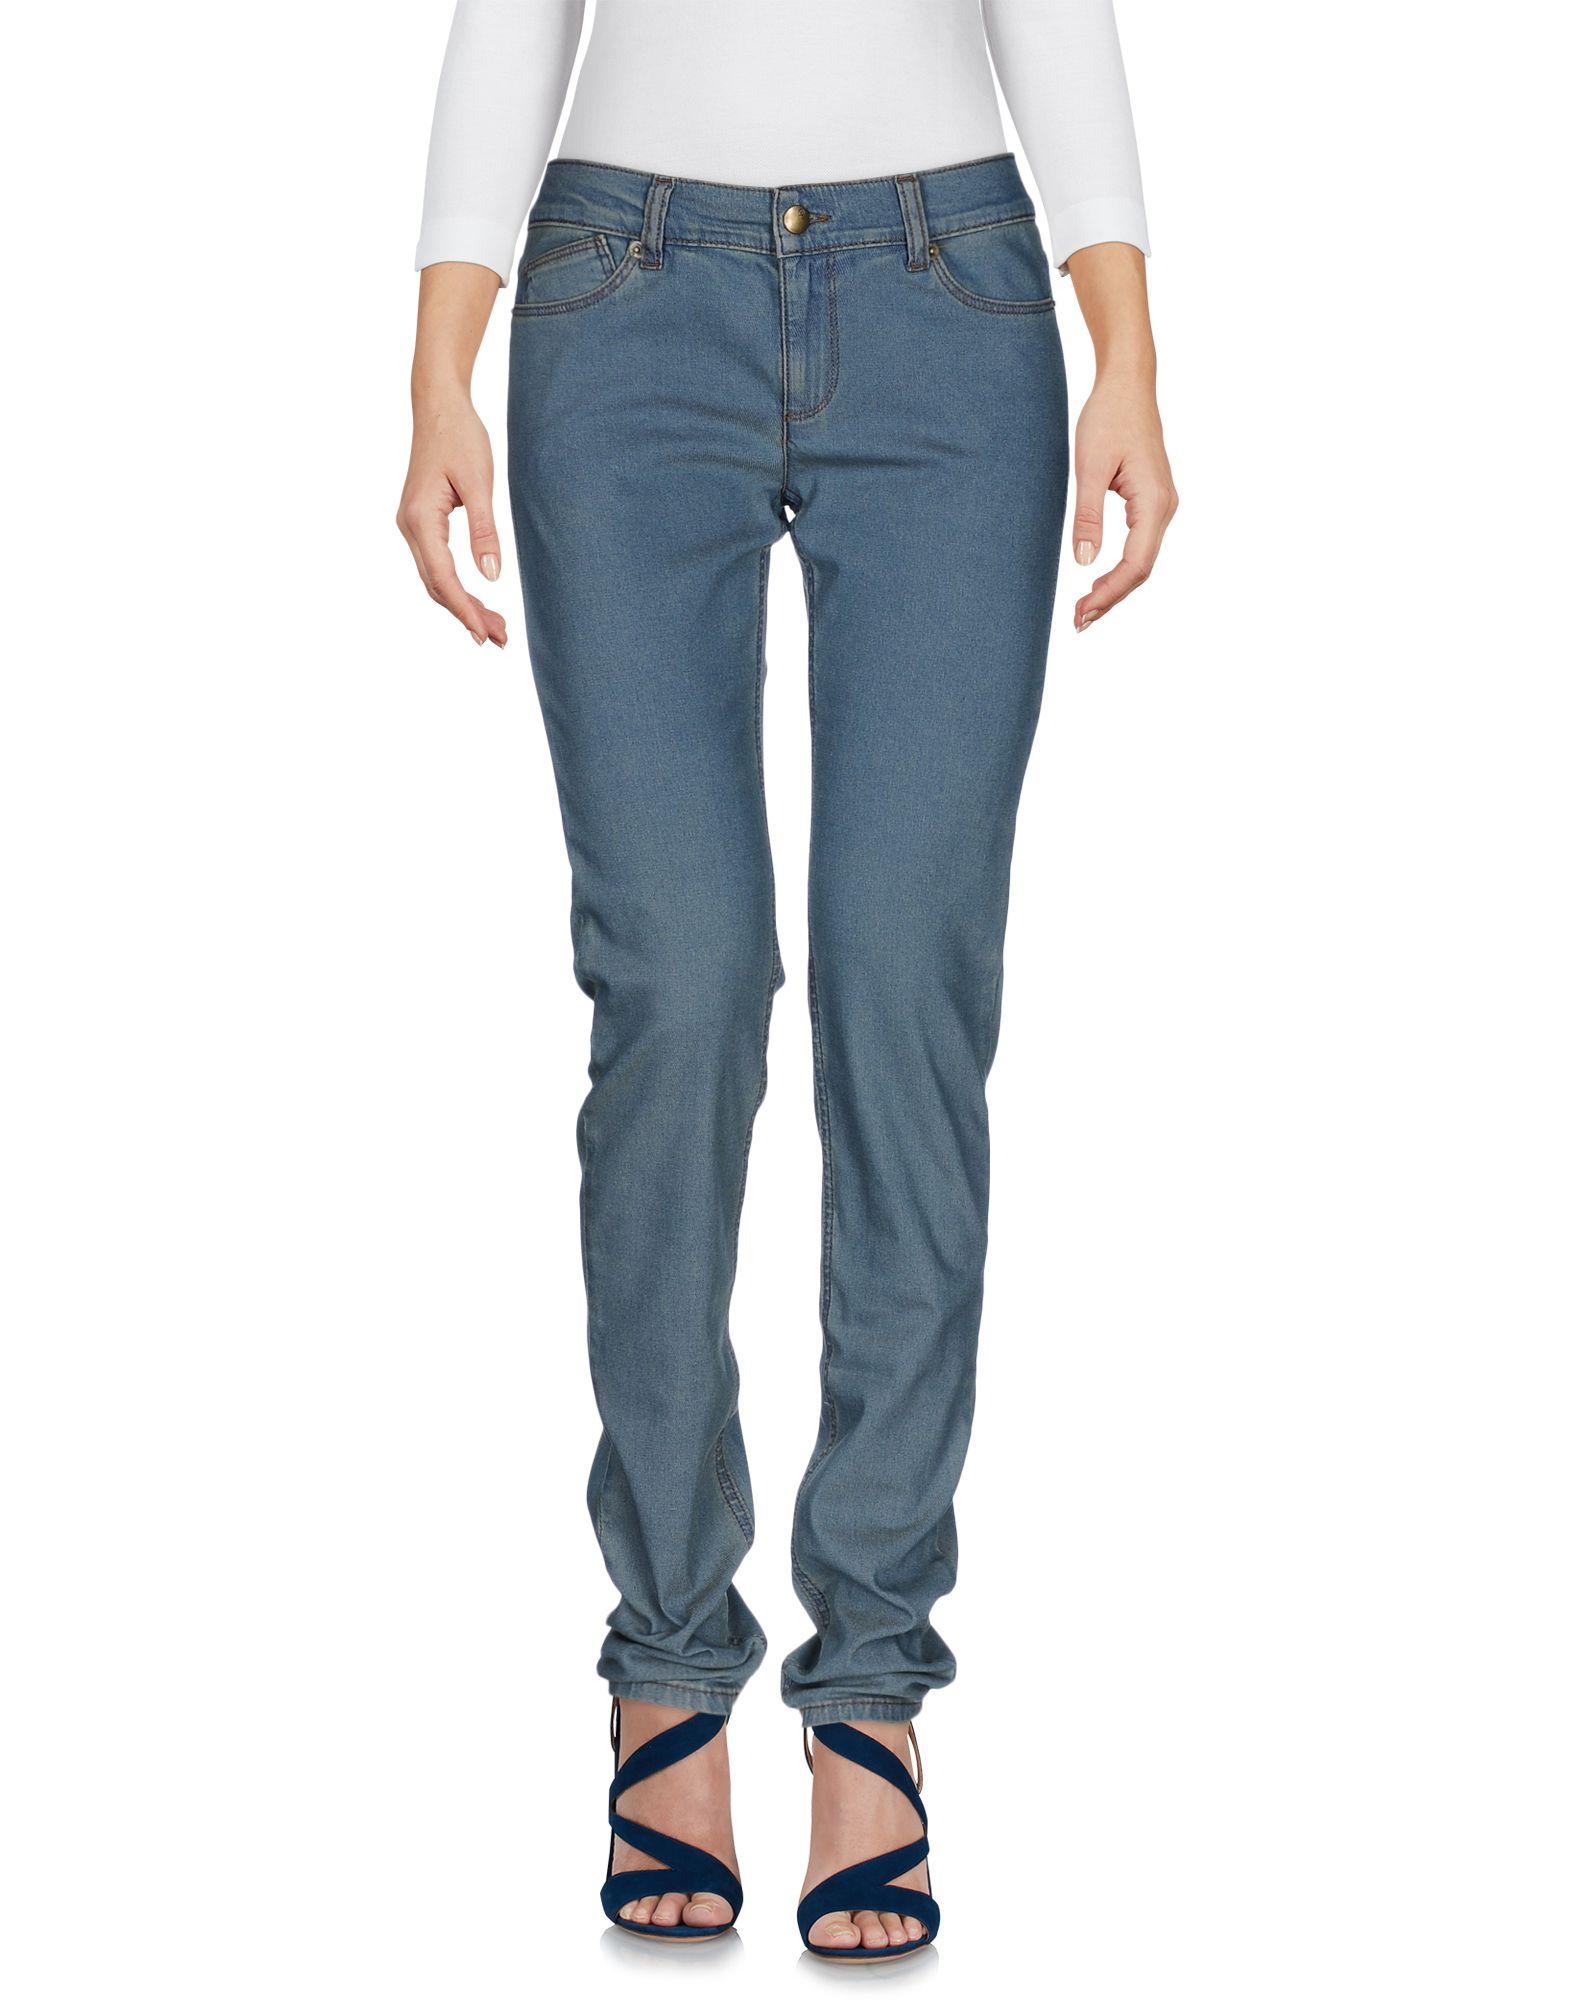 McQ Alexander McQueen Джинсовые брюки спортивные брюки mcq alexander mcqueen брюки с карманами